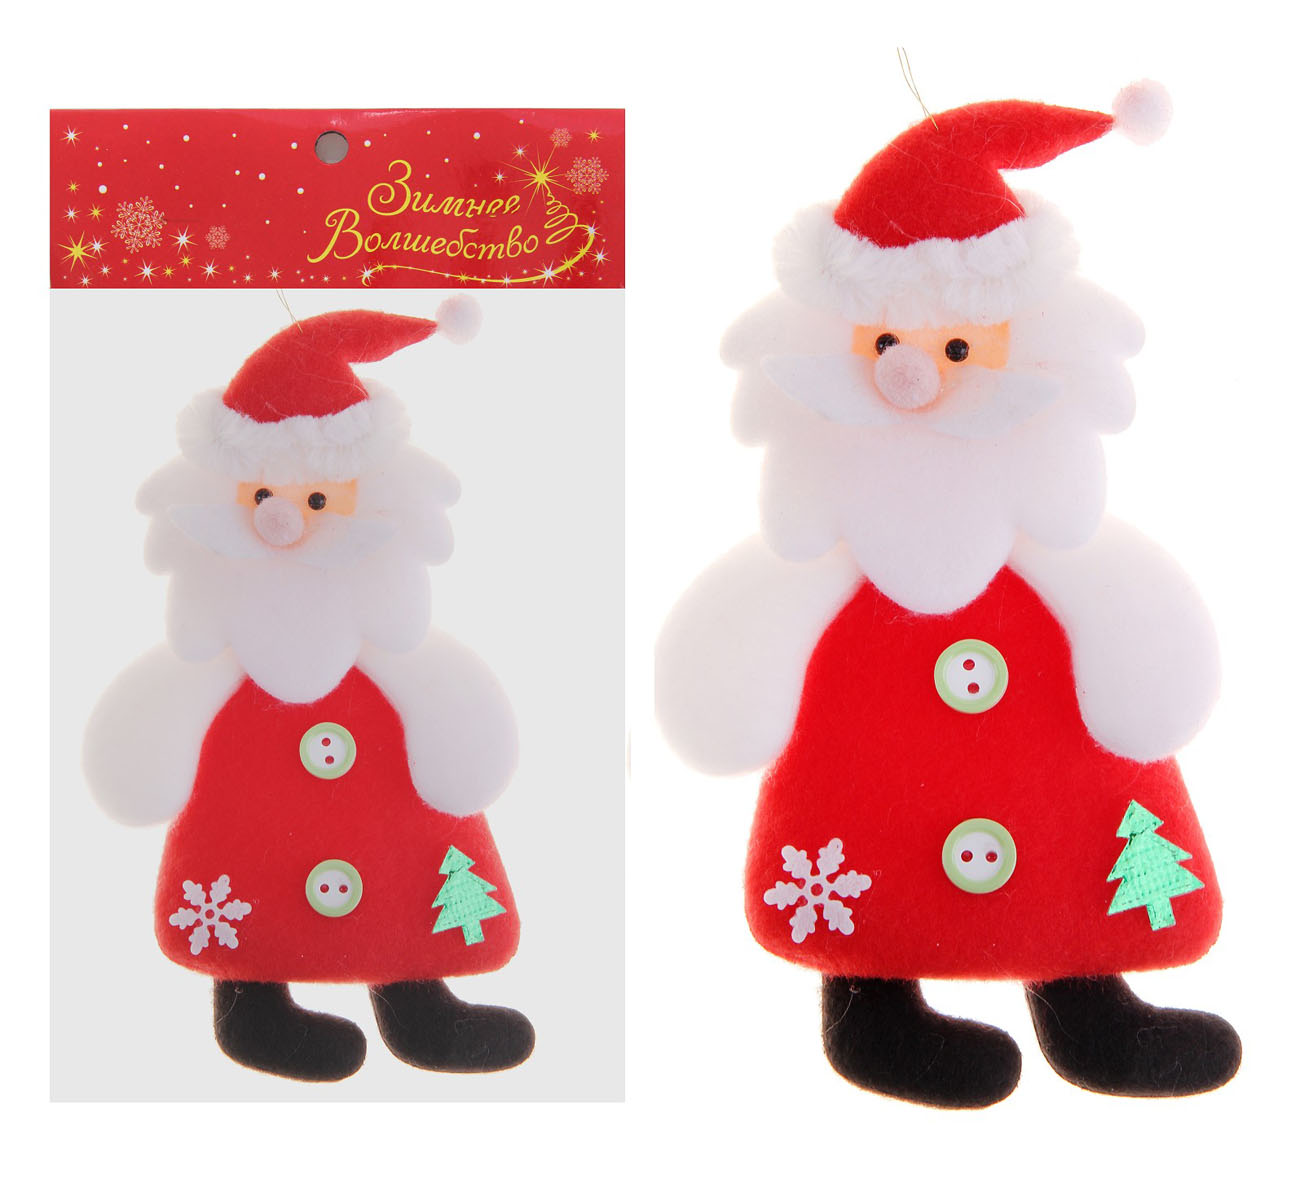 Новогоднее подвесное украшение Sima-land Дед Мороз с елочкой, цвет: красный, 16 х 10 см 718528 украшение новогоднее подвесное mister christmas дед мороз коллекционное высота 10 см